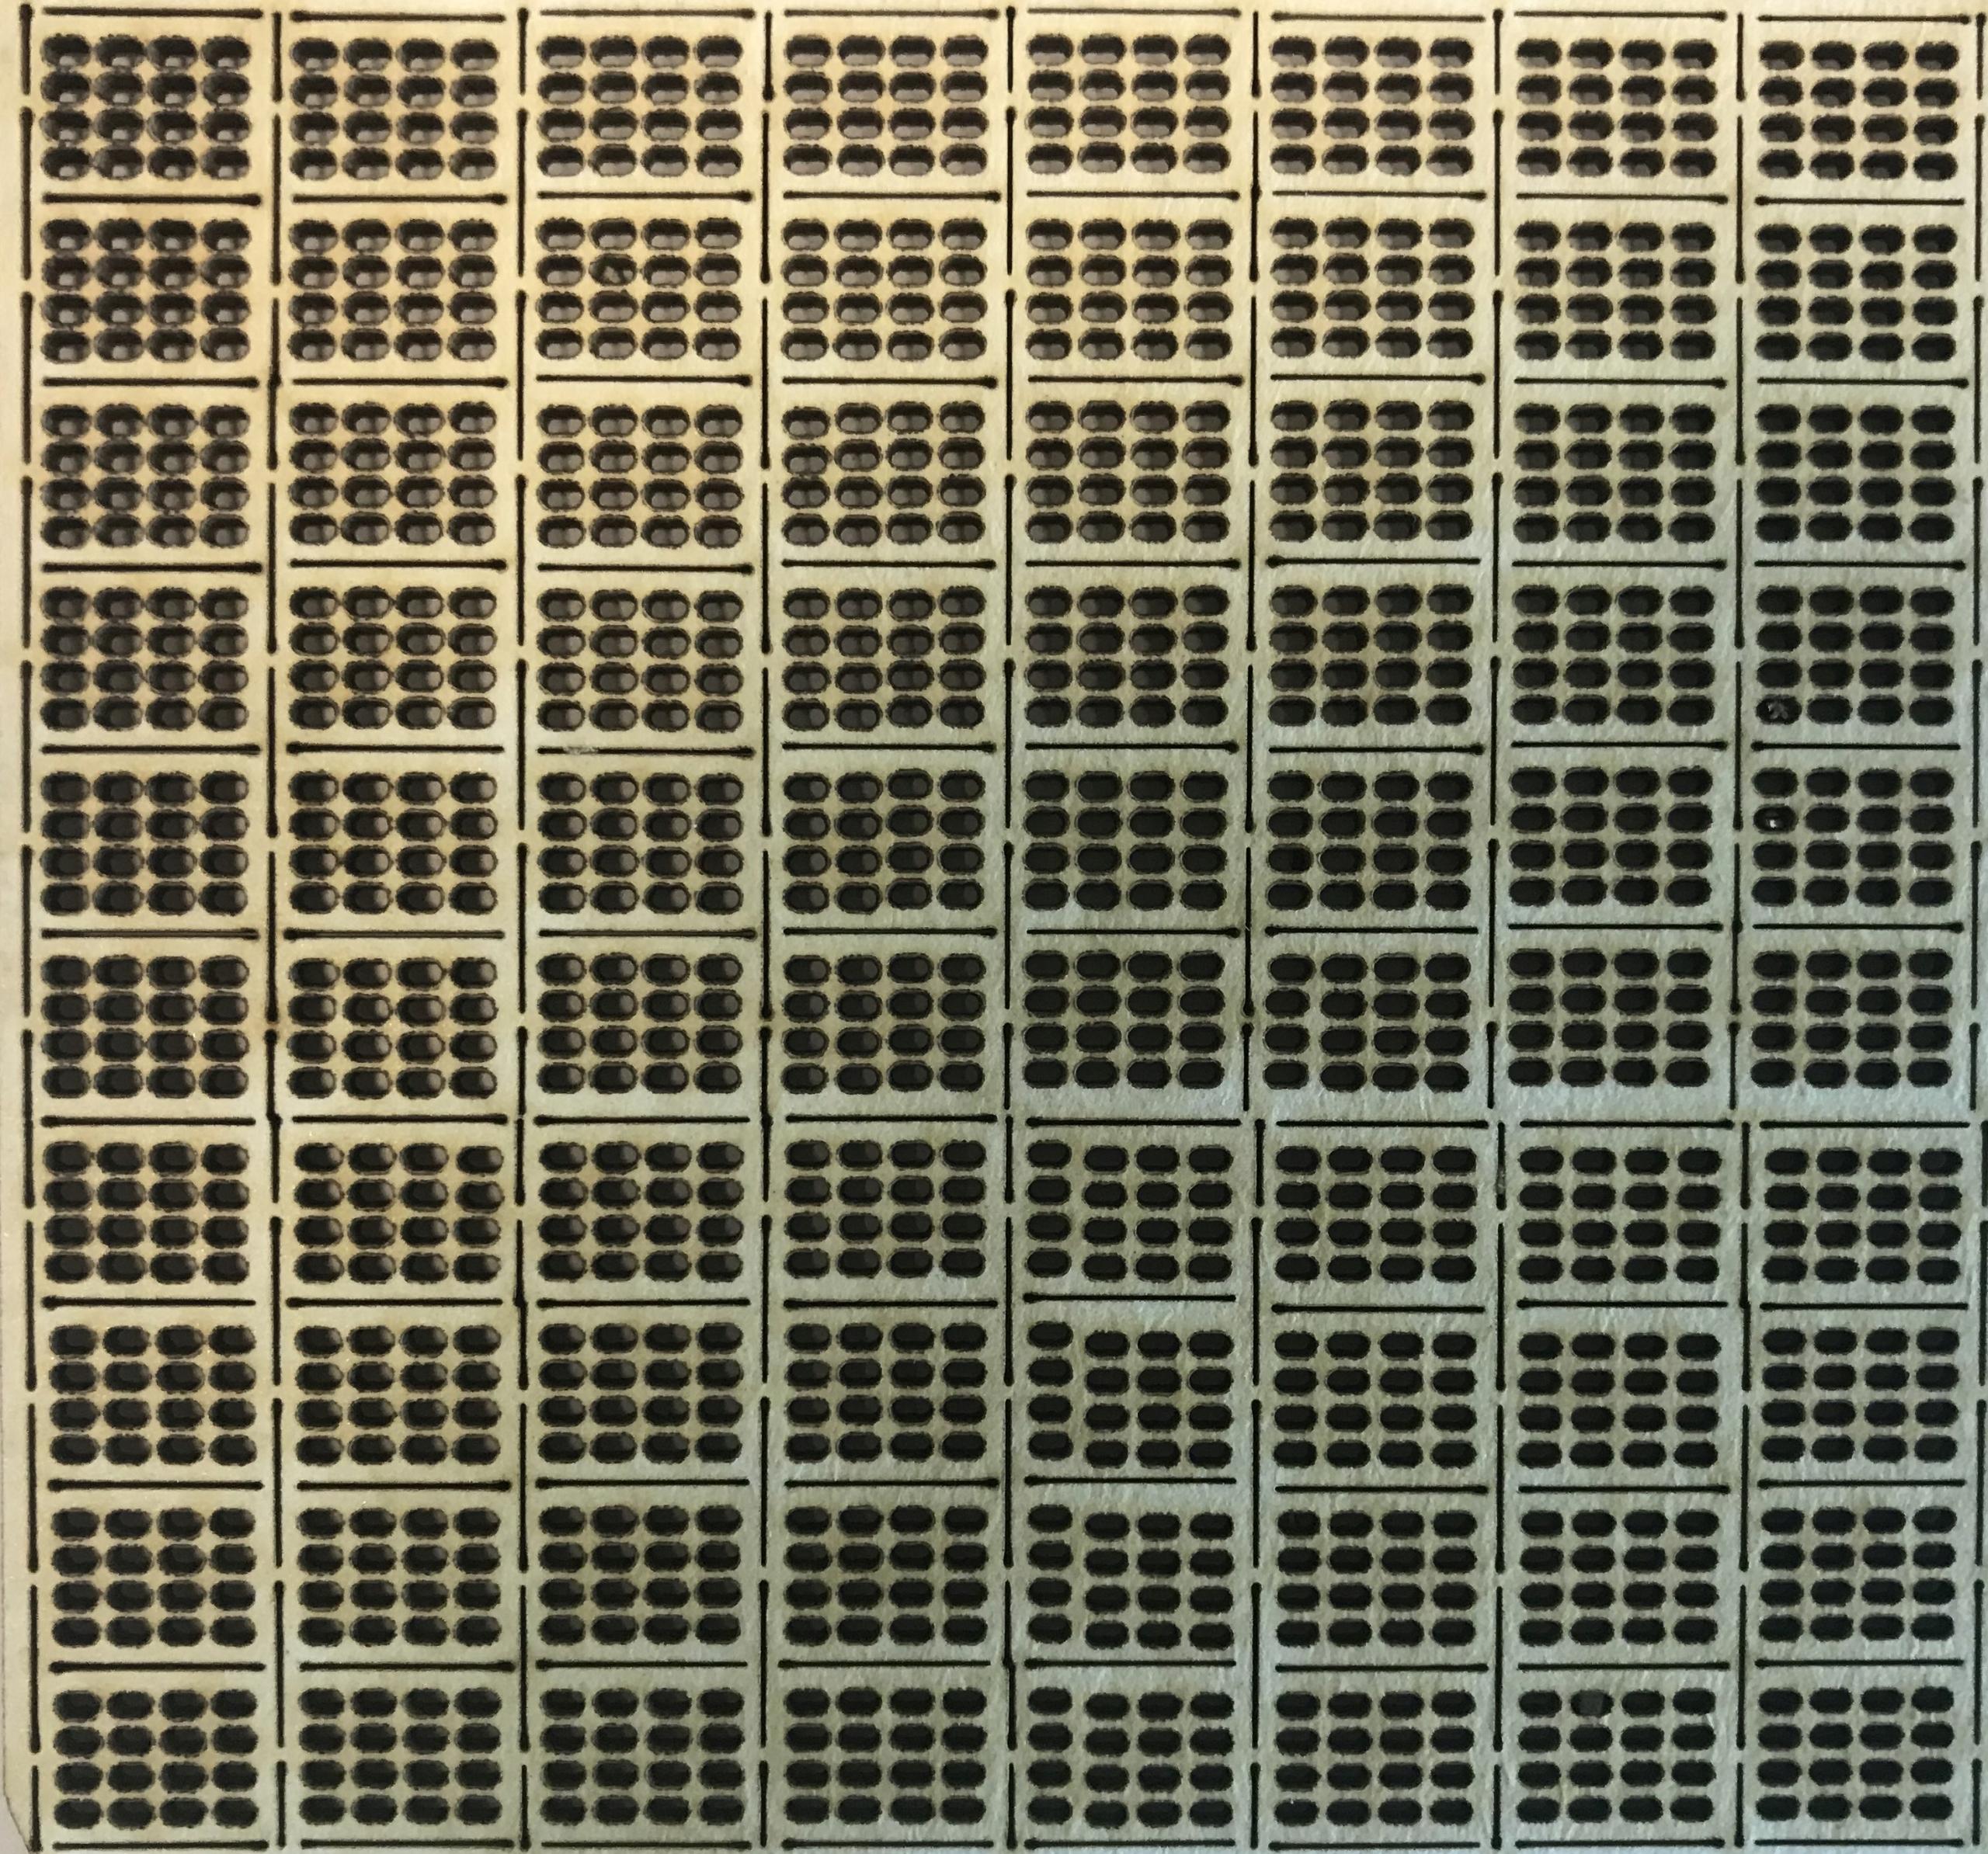 Бетонная плита JUMBO (JOMB), масштаб HO 80 шт.